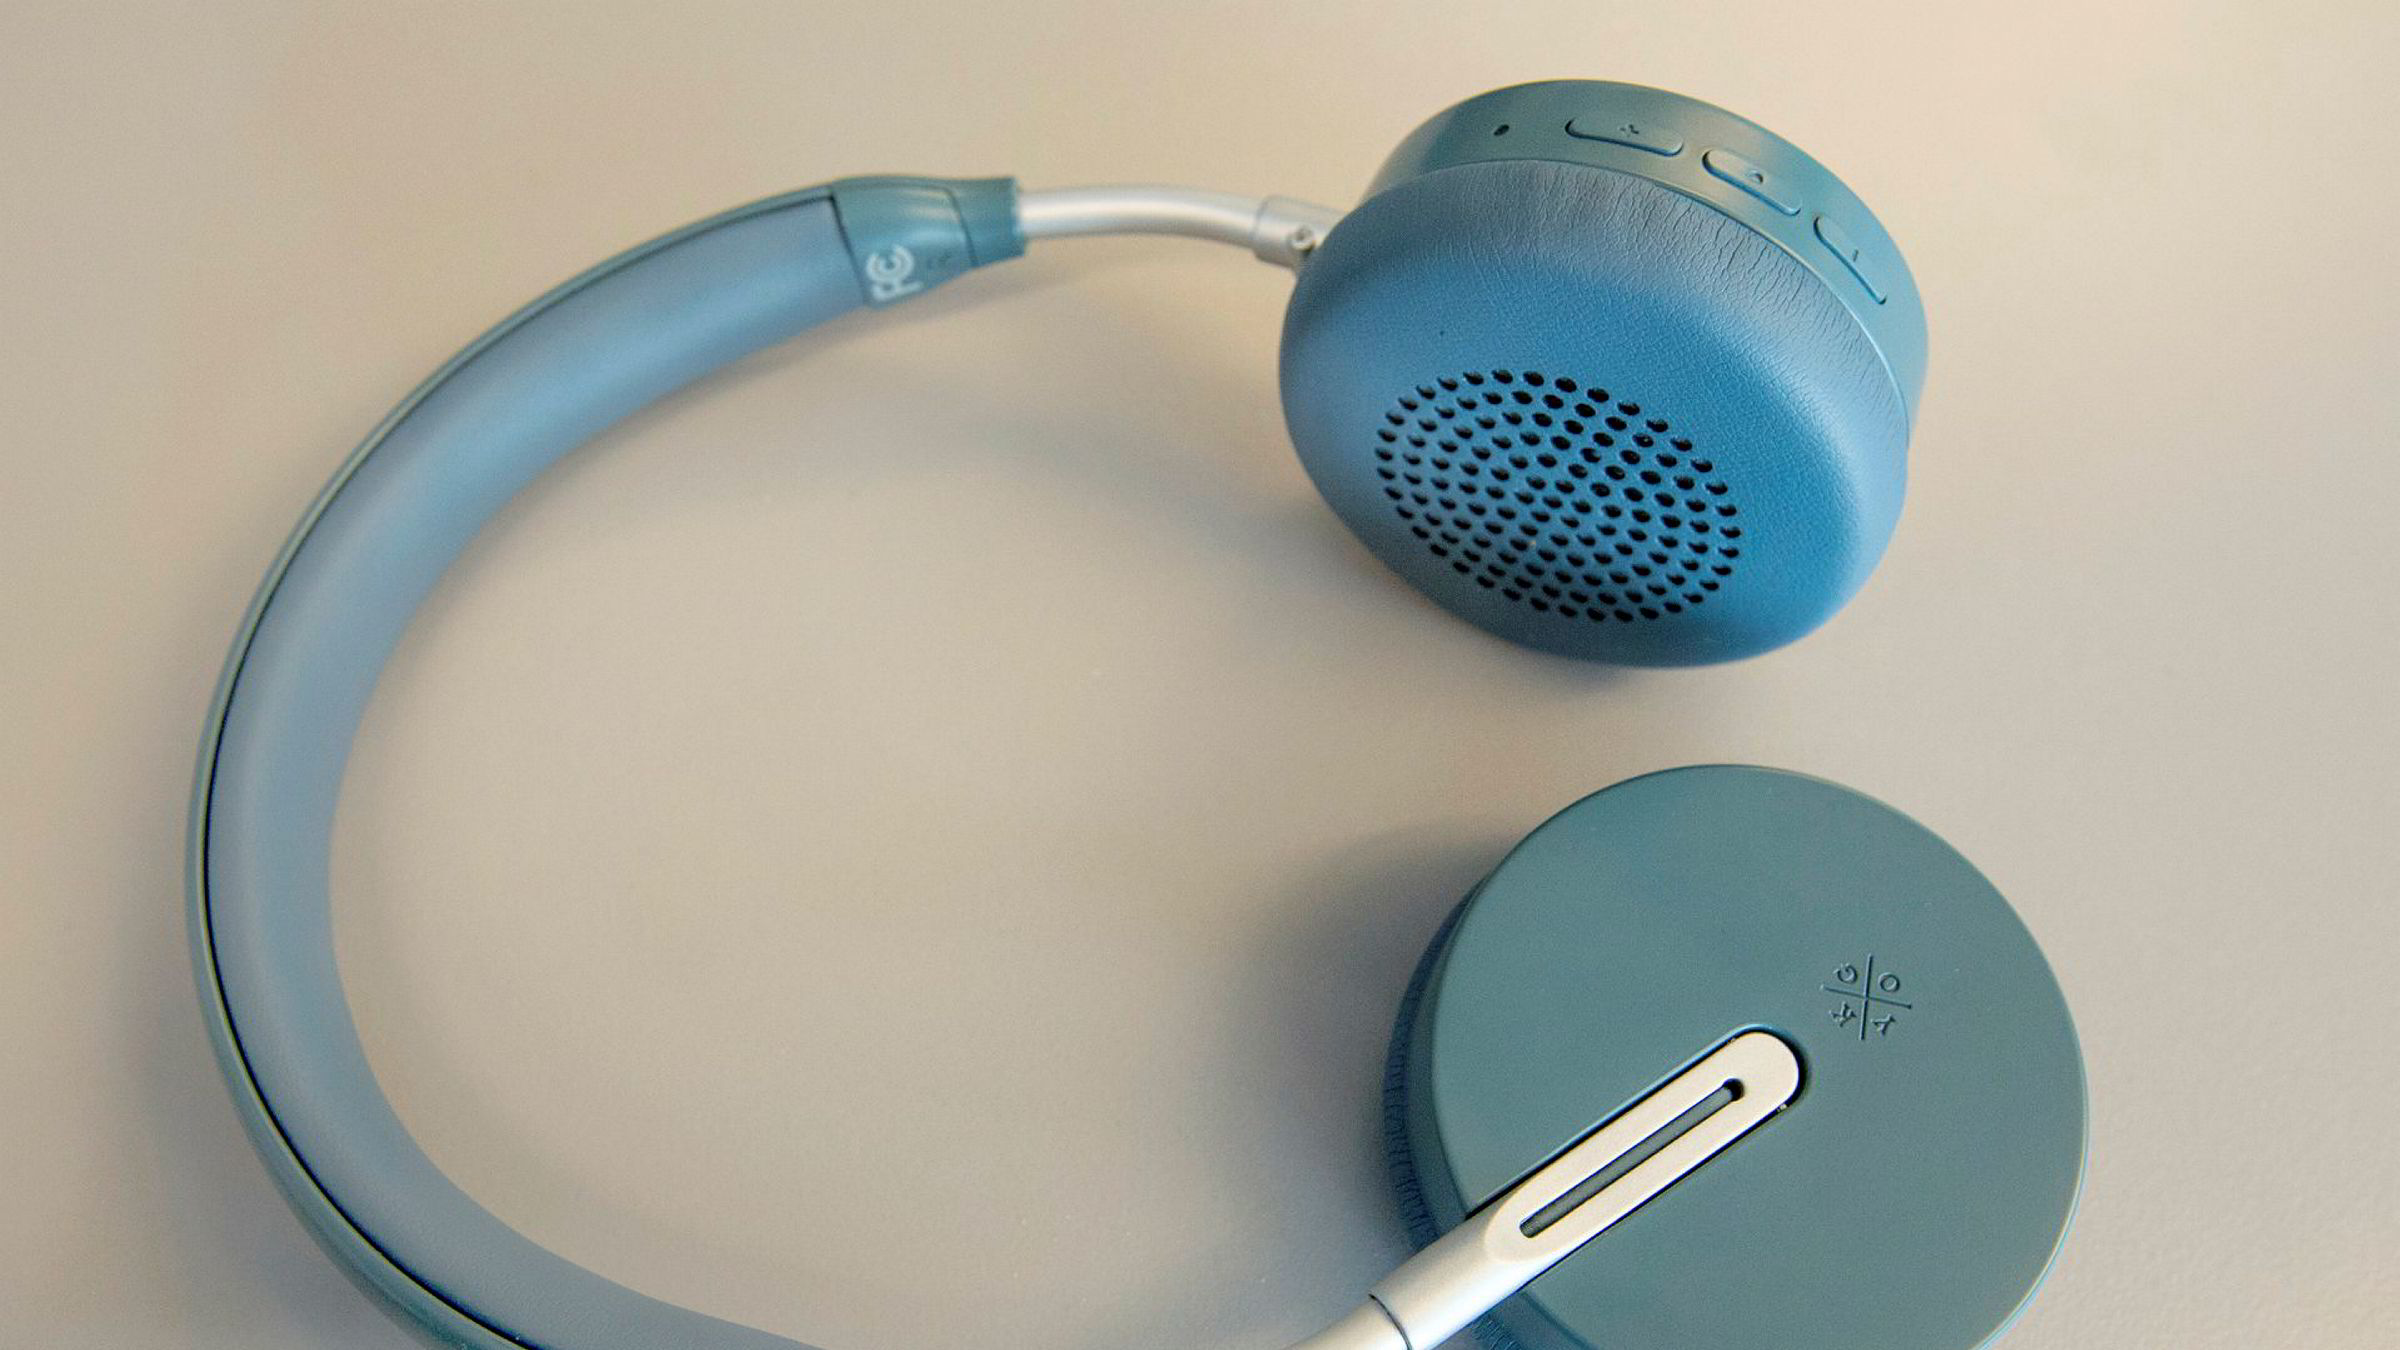 Kygo A6/500 er et sett halvdekkende hodetelefoner med overraskende bra lyd.